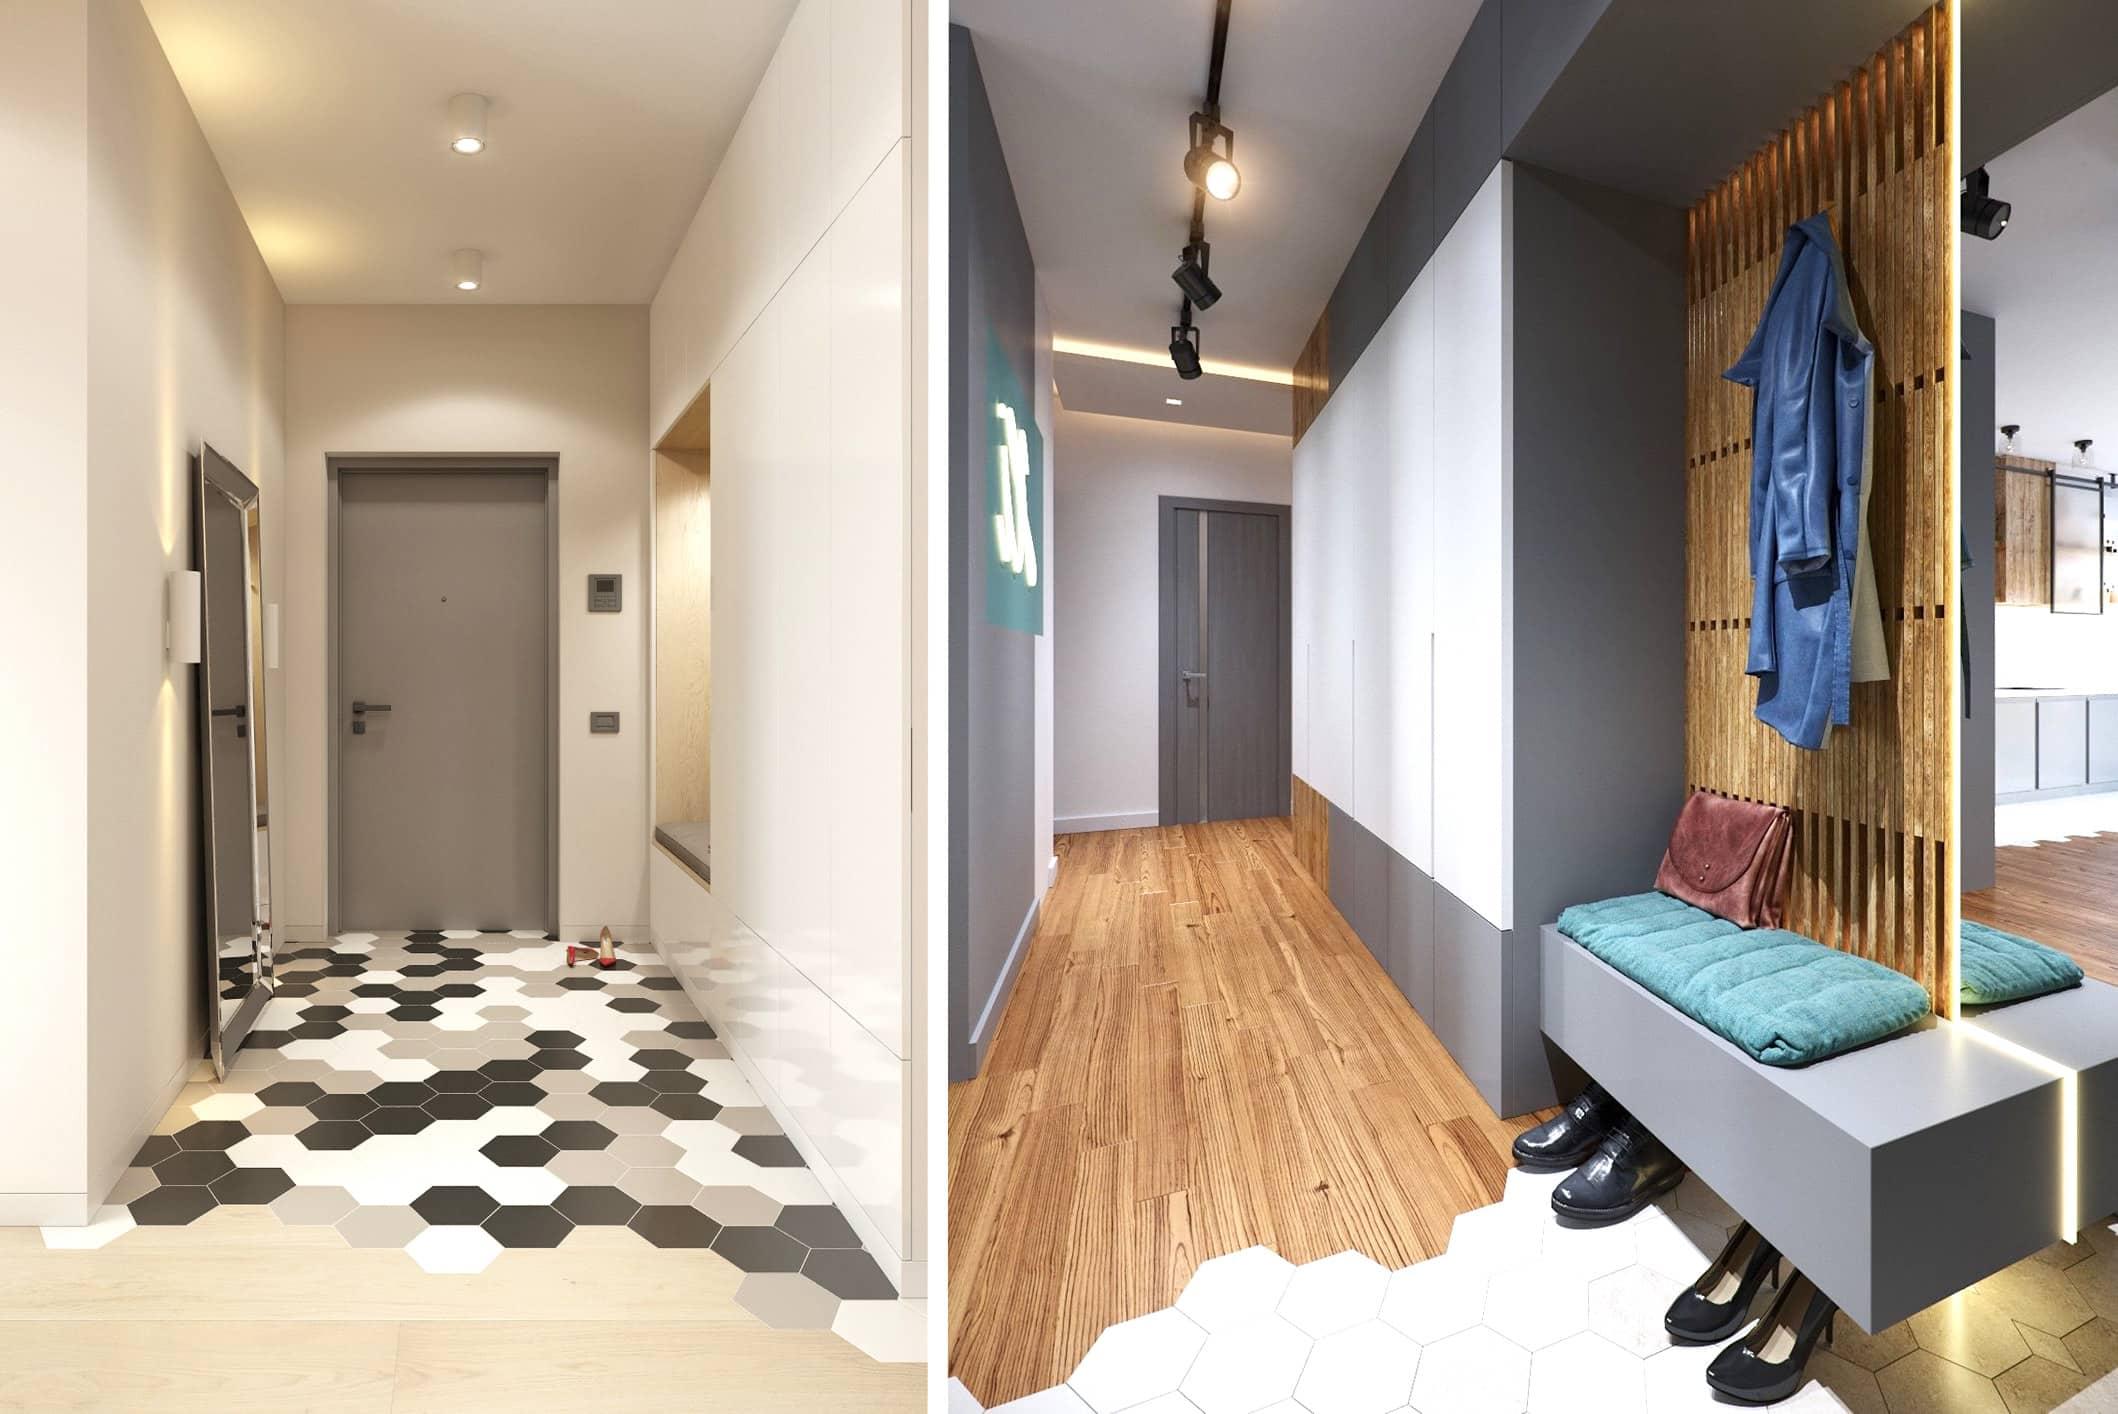 Conception magnifique et inhabituelle du plancher dans le couloir